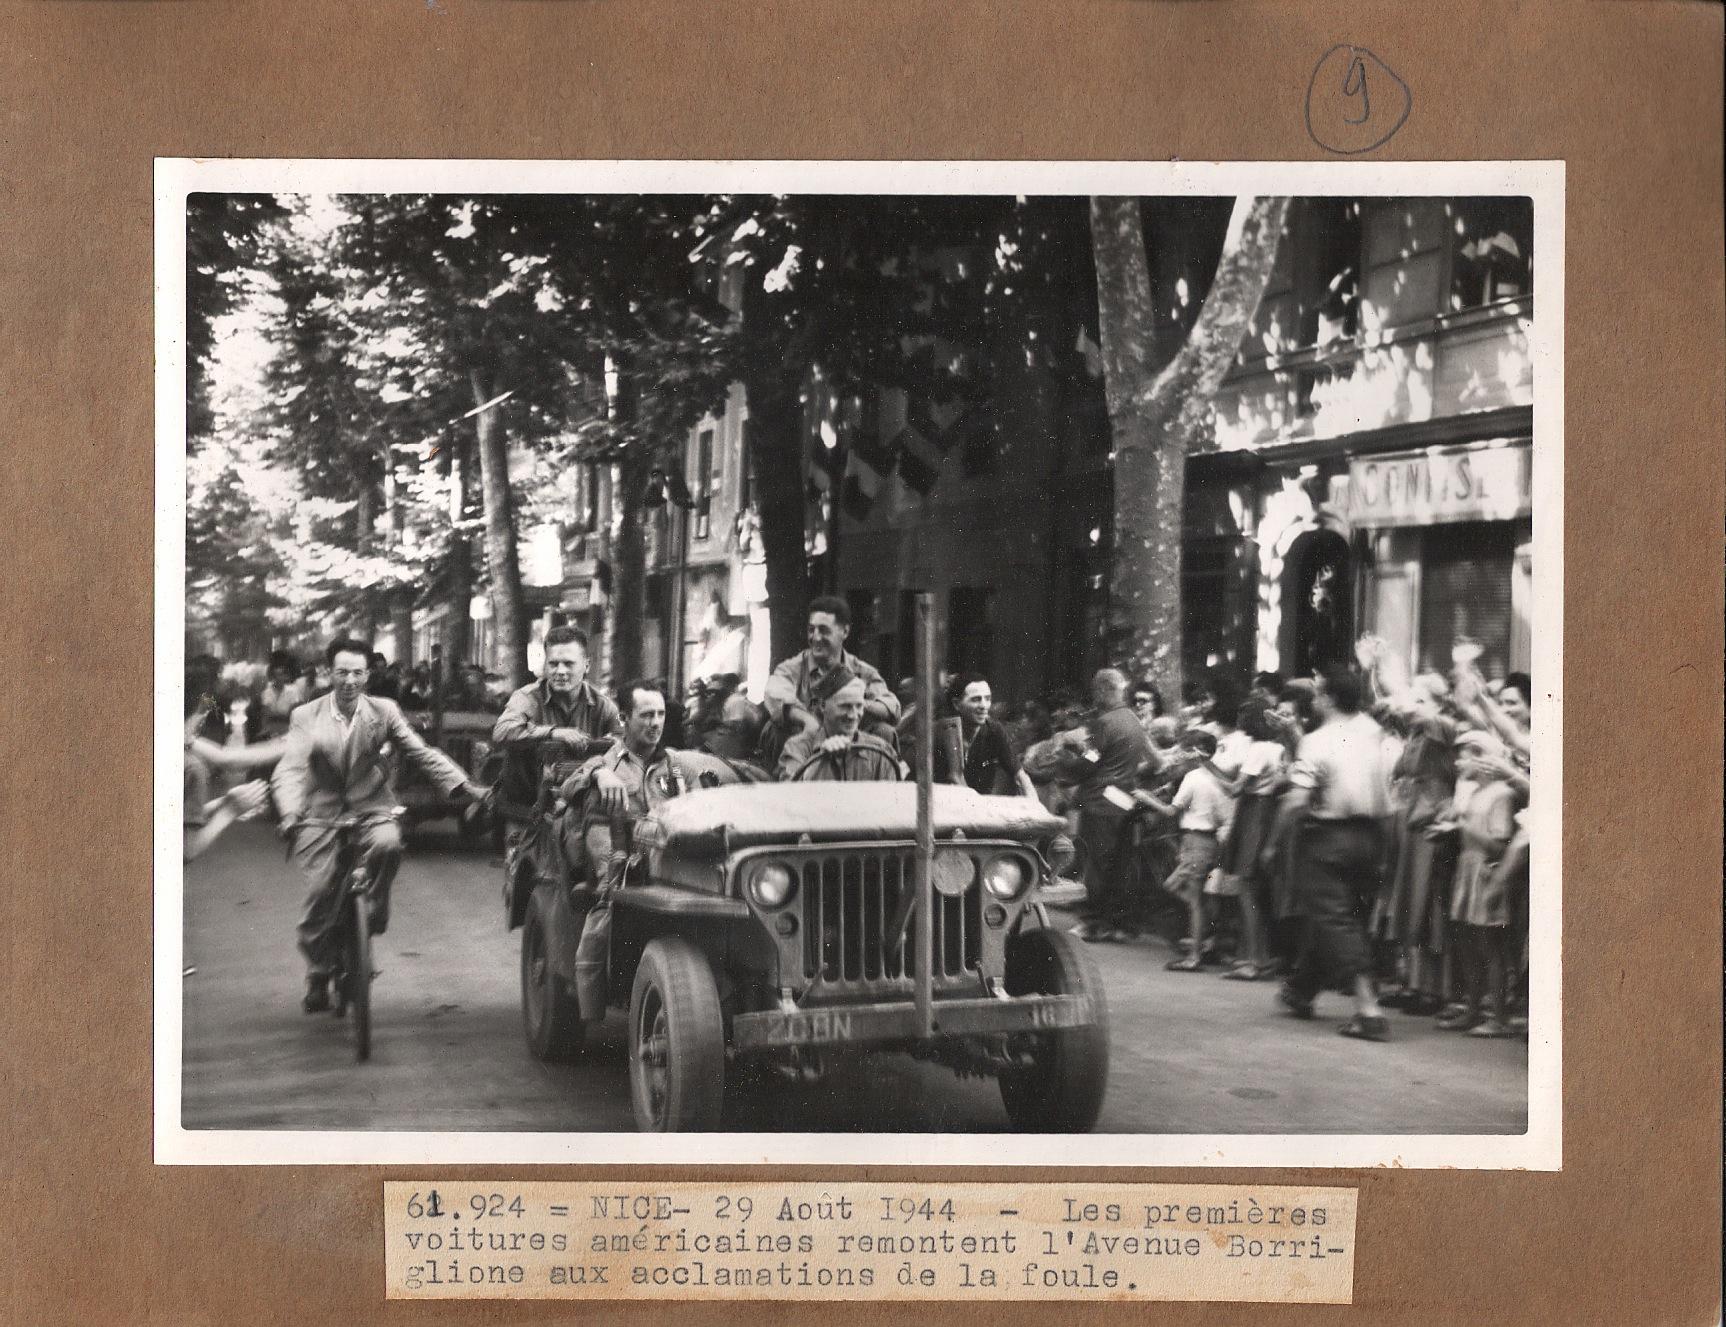 NICE 1944 34